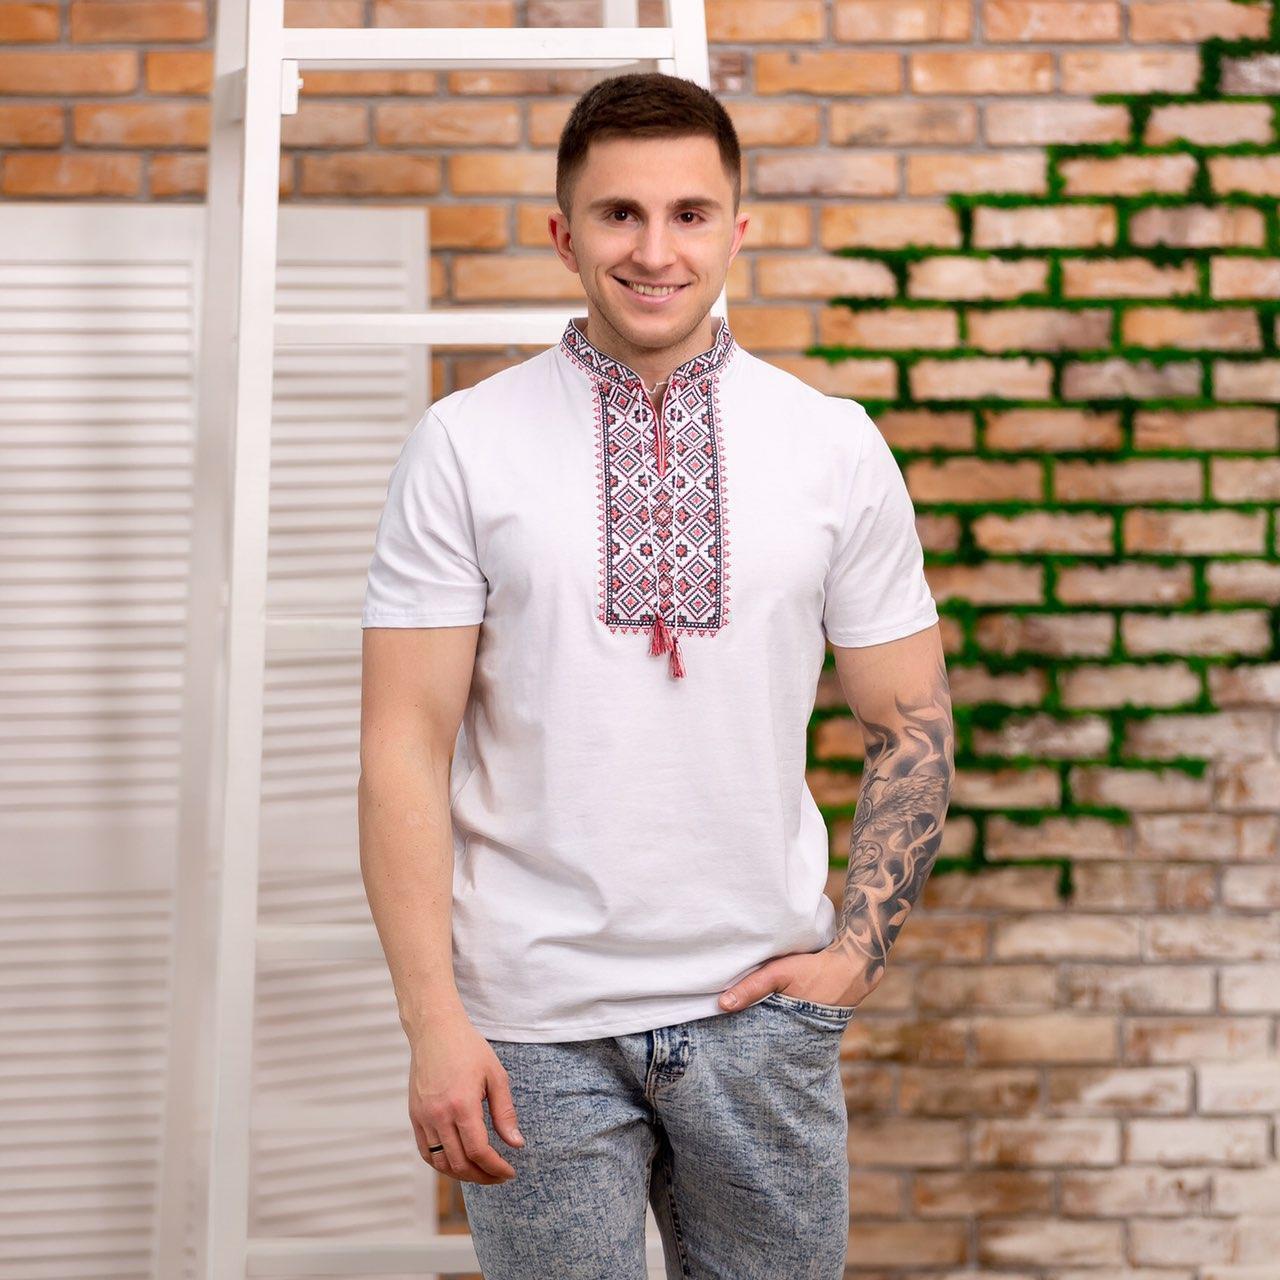 Чоловіча футболка вишиванка білого кольору